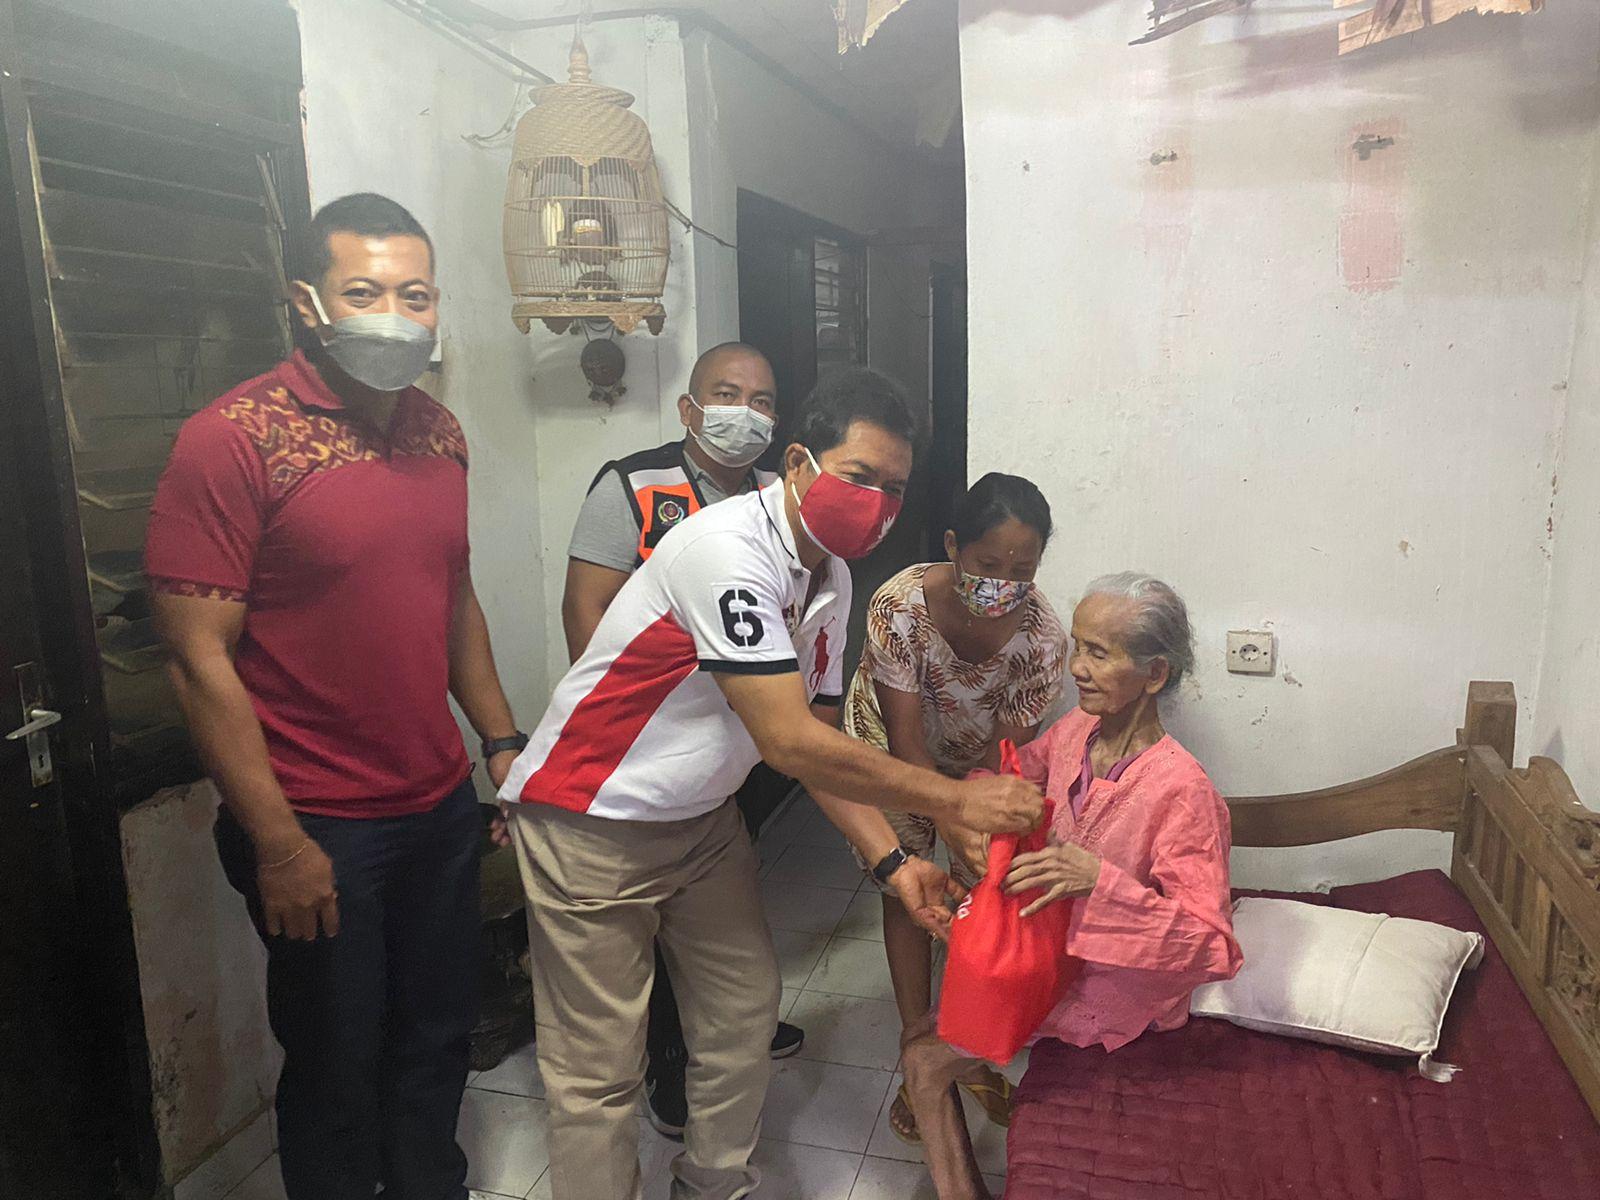 KADIS Koperasi UMKM Kota Denpasar, I Made Erwin Suryadarma; bersama Ketua Karang Taruna Kota Denpasar, I Ketut Ngurah Aryawan, menyerahkan bantuan sembako kepada penyandang disabilitas, Minggu (22/8/2021). Foto: ist